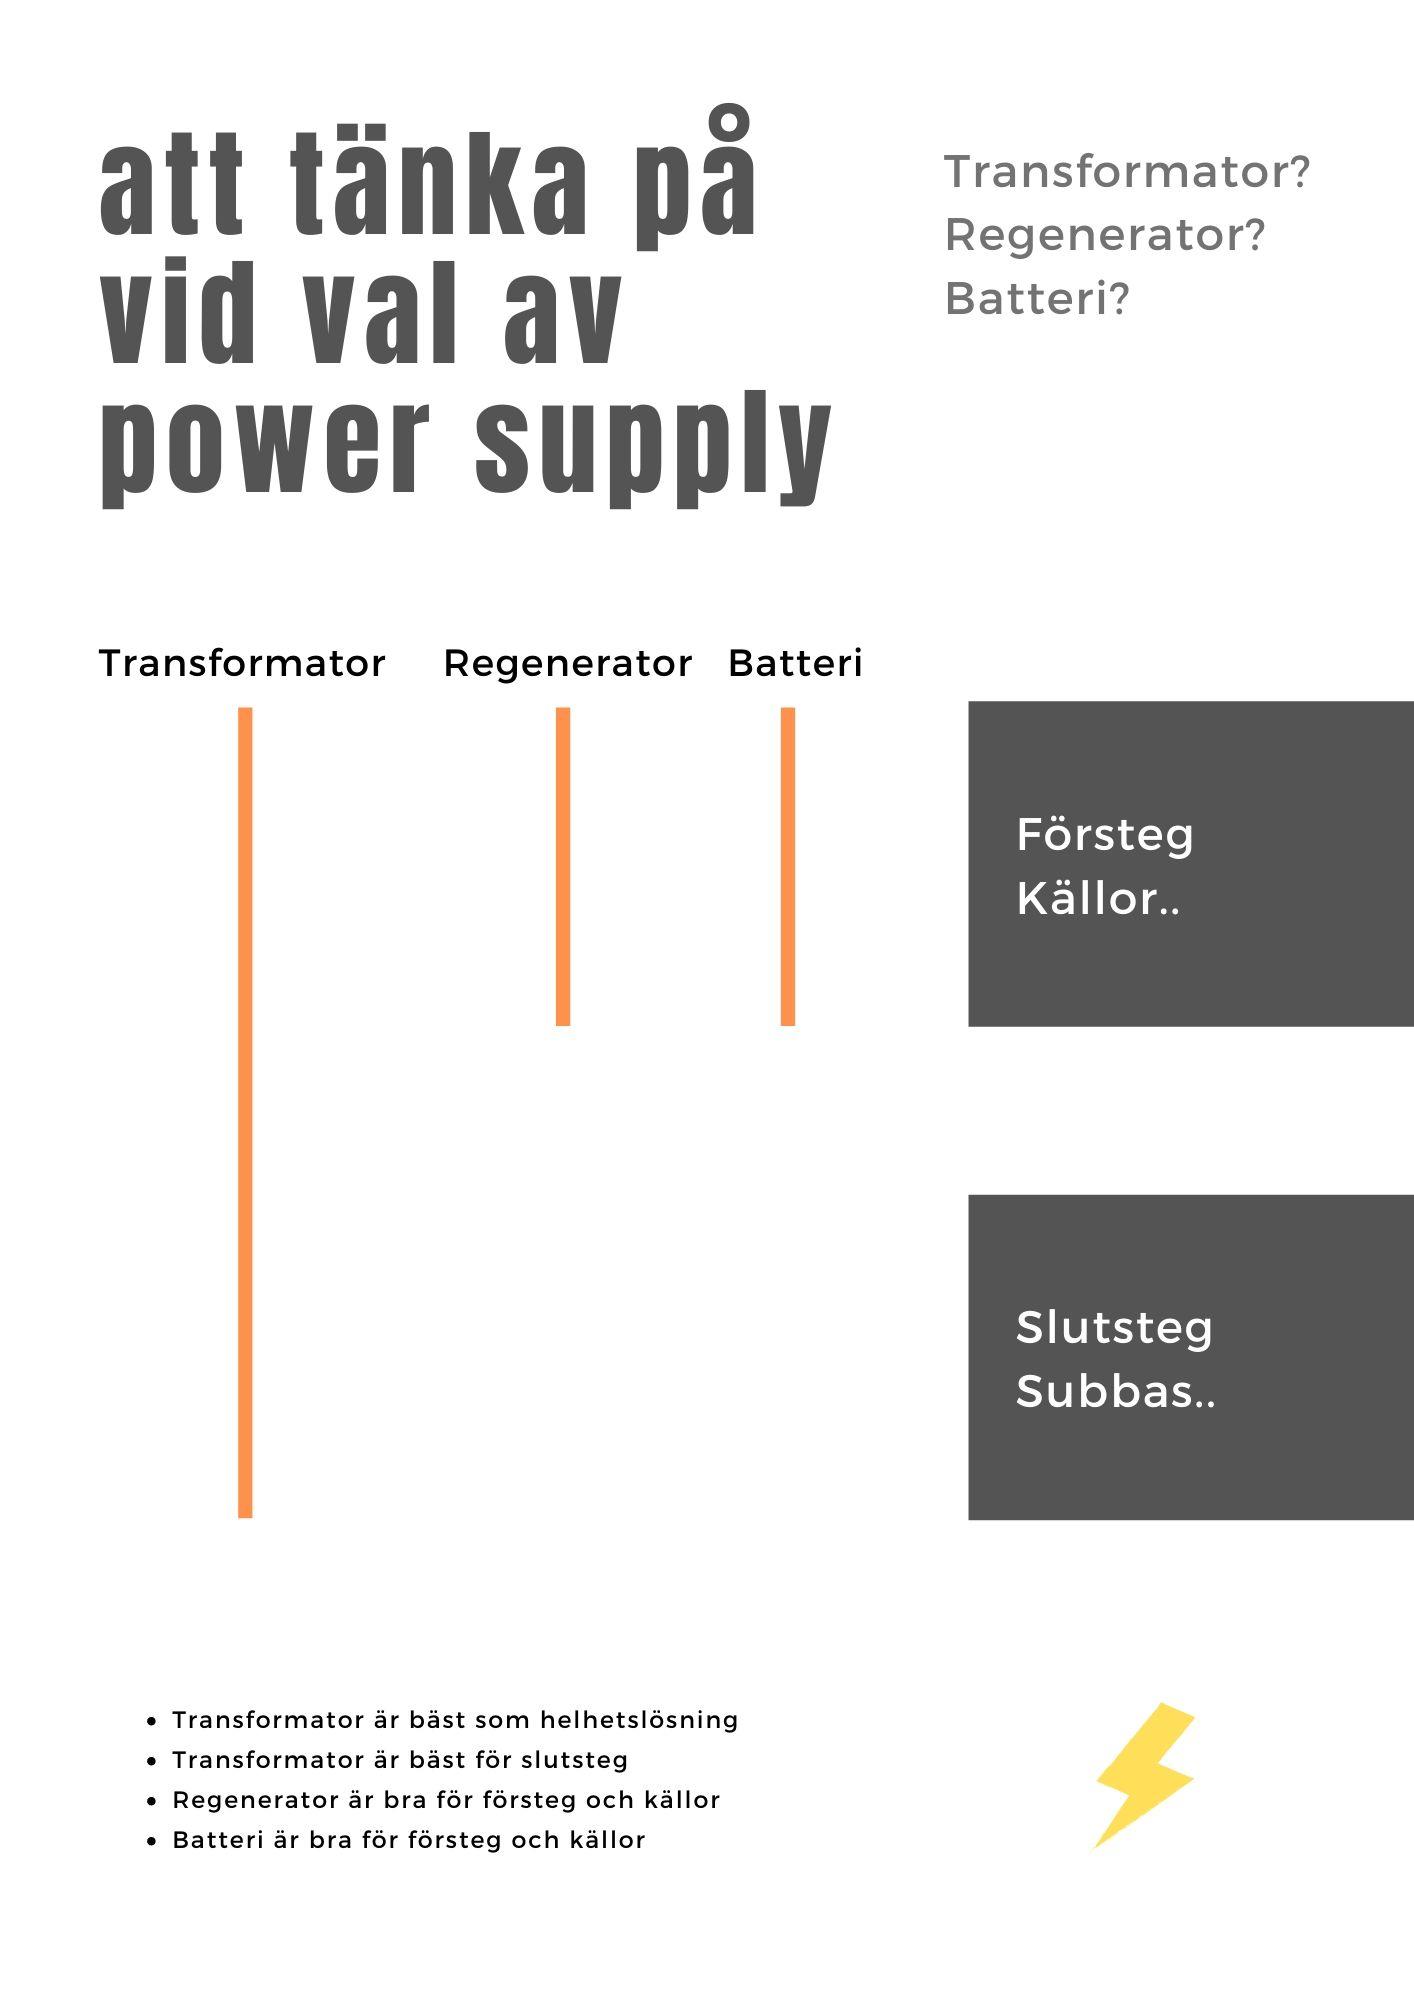 att tänka på vid val av power supply